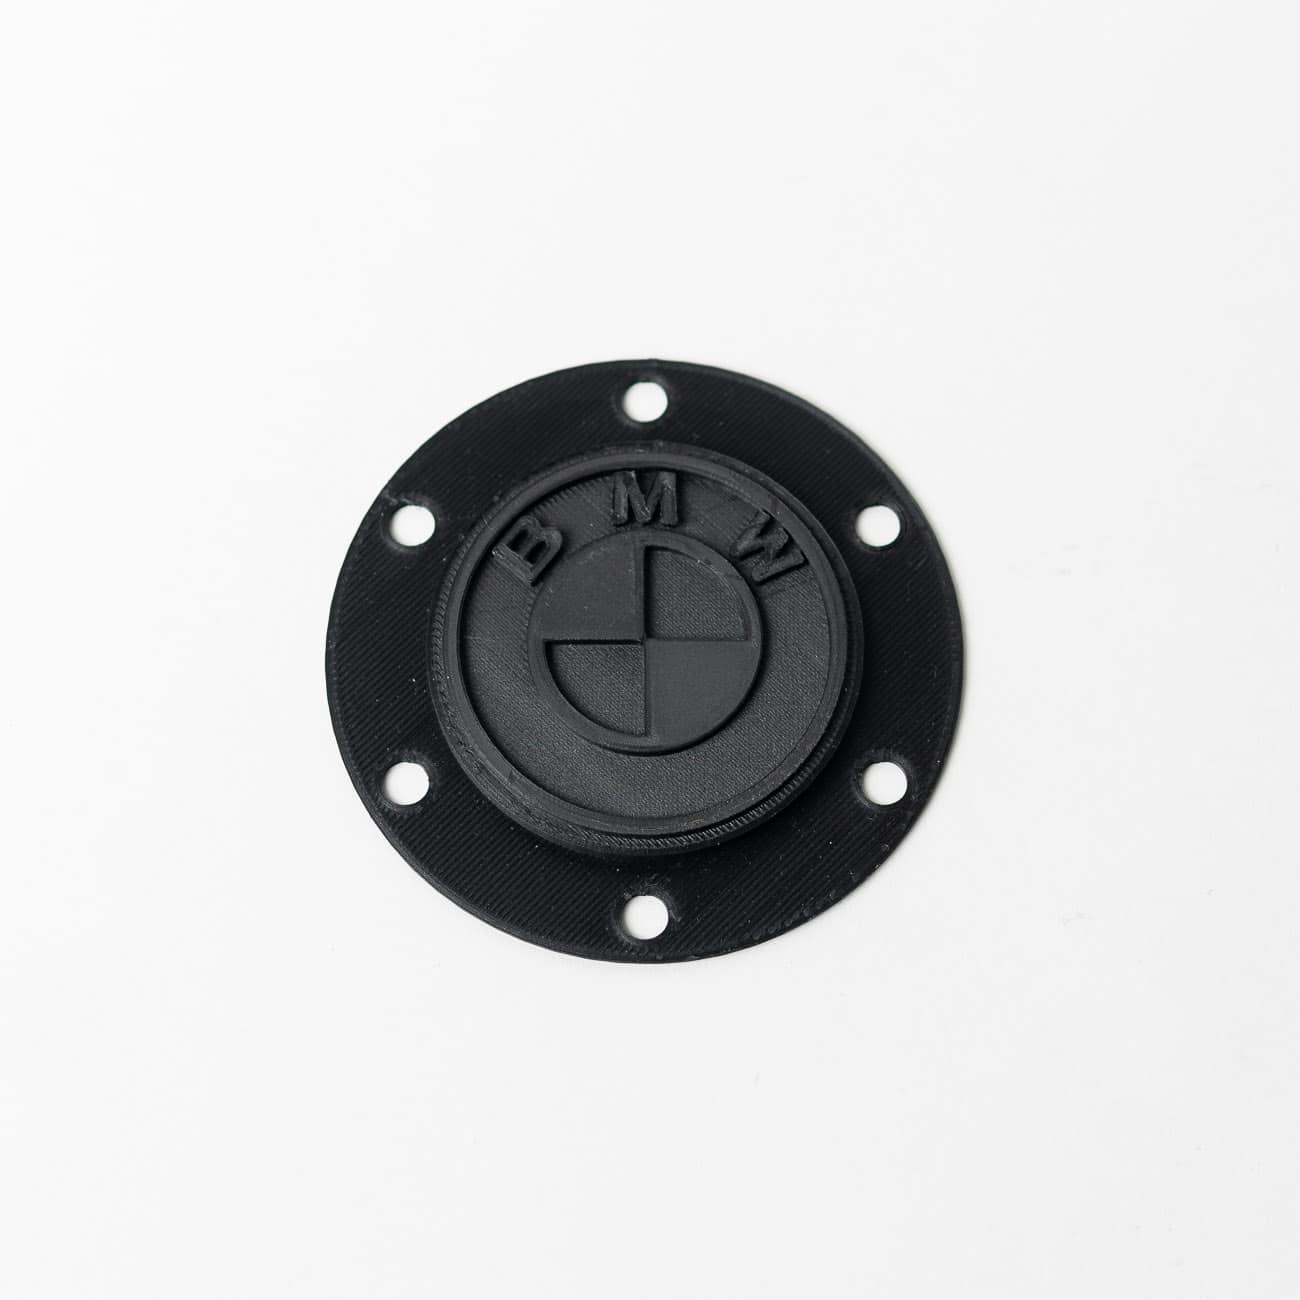 Sparco Steering Wheel Cap Horn Delete